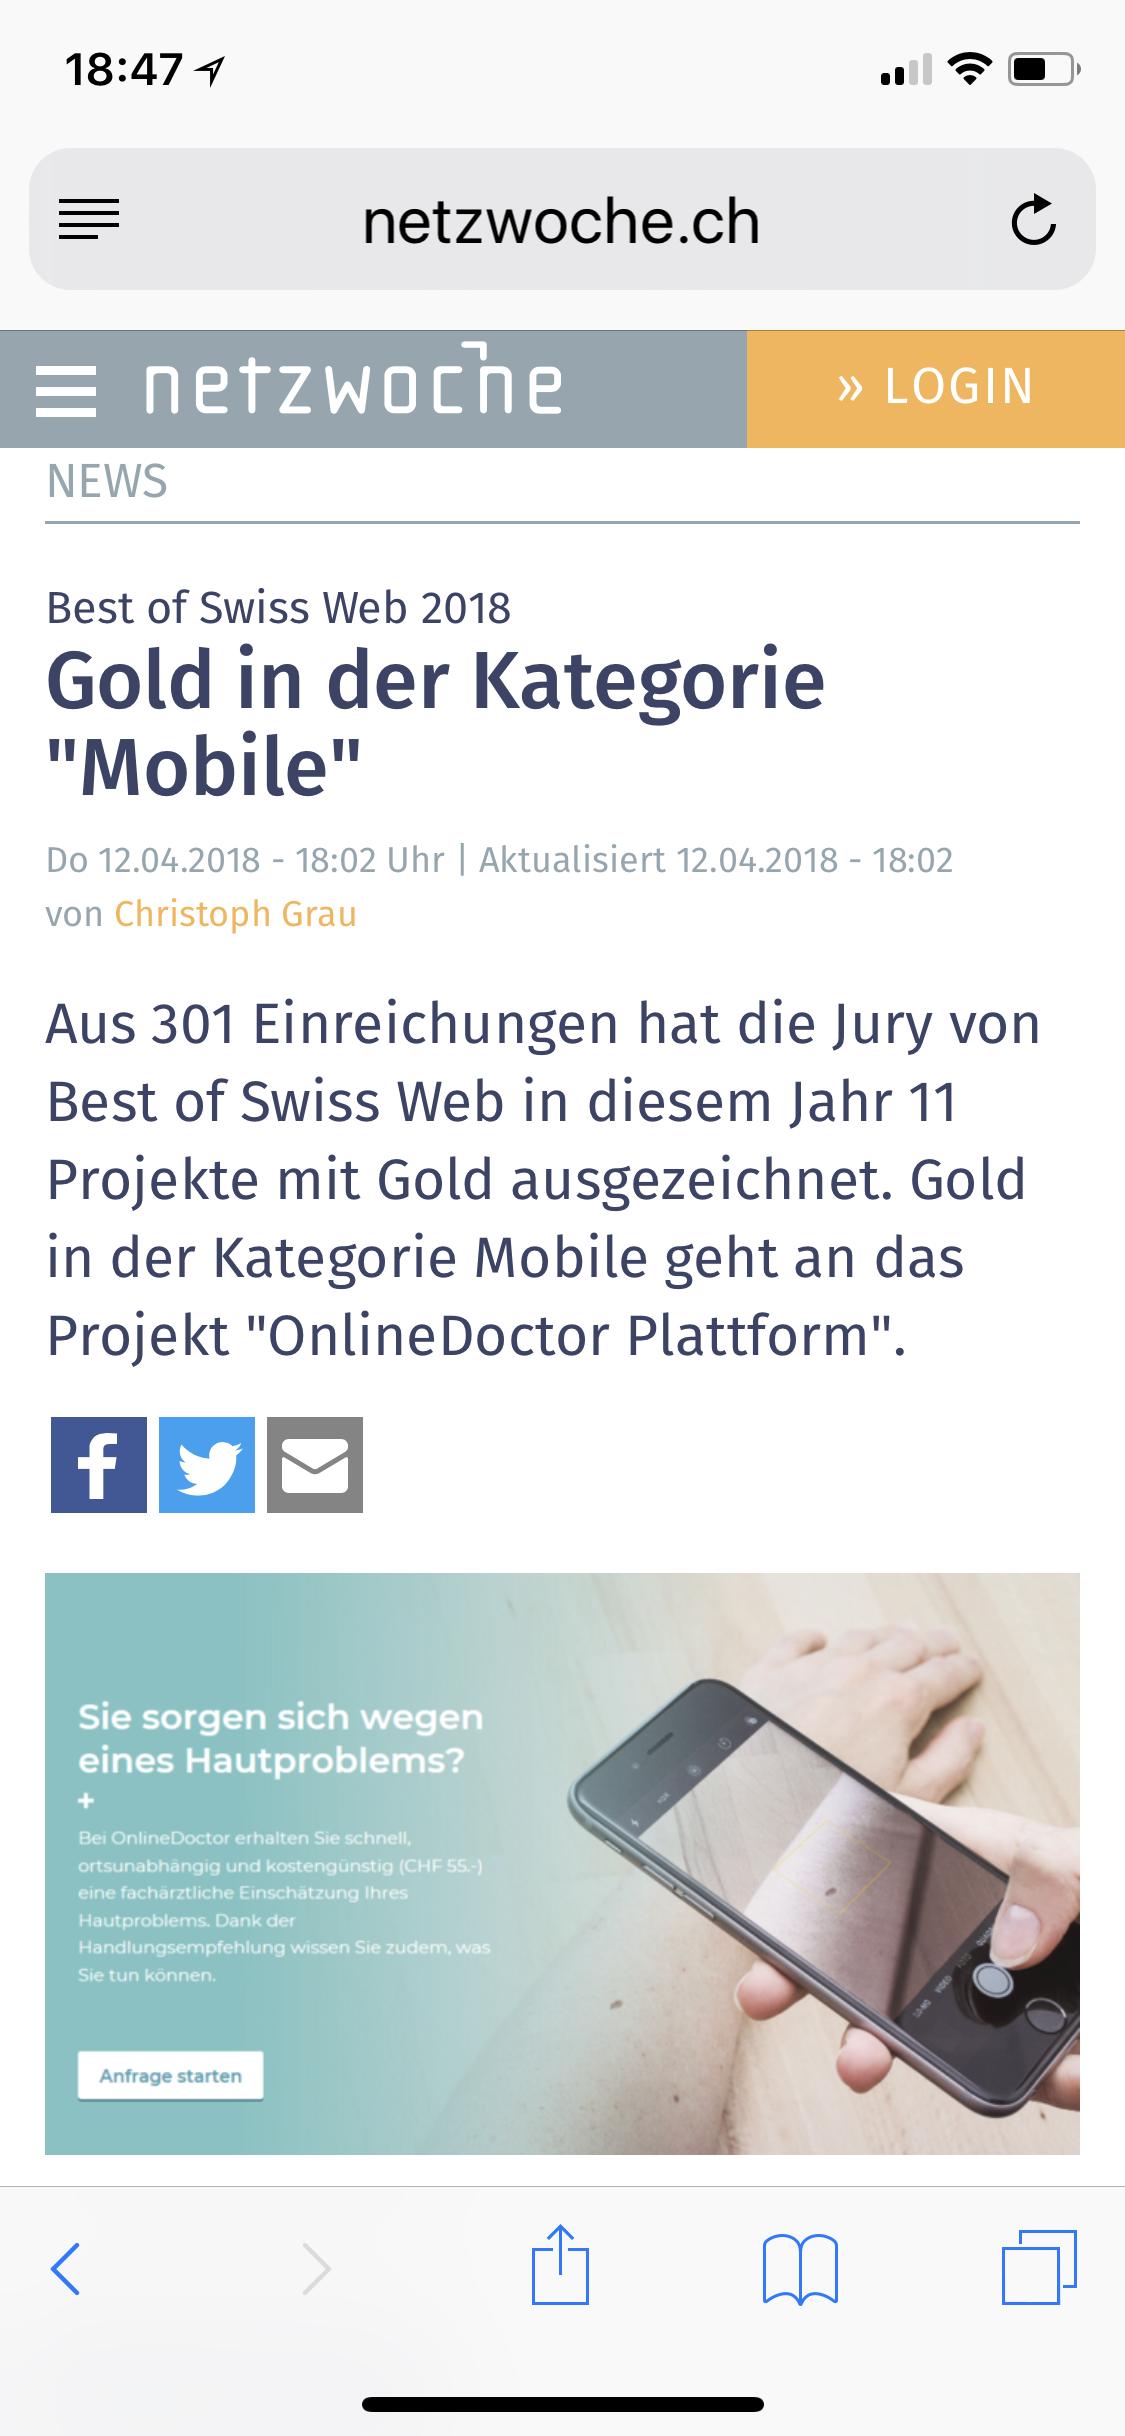 Großartig Beobachten Anatomie Eines Mordes Online Ideen - Anatomie ...